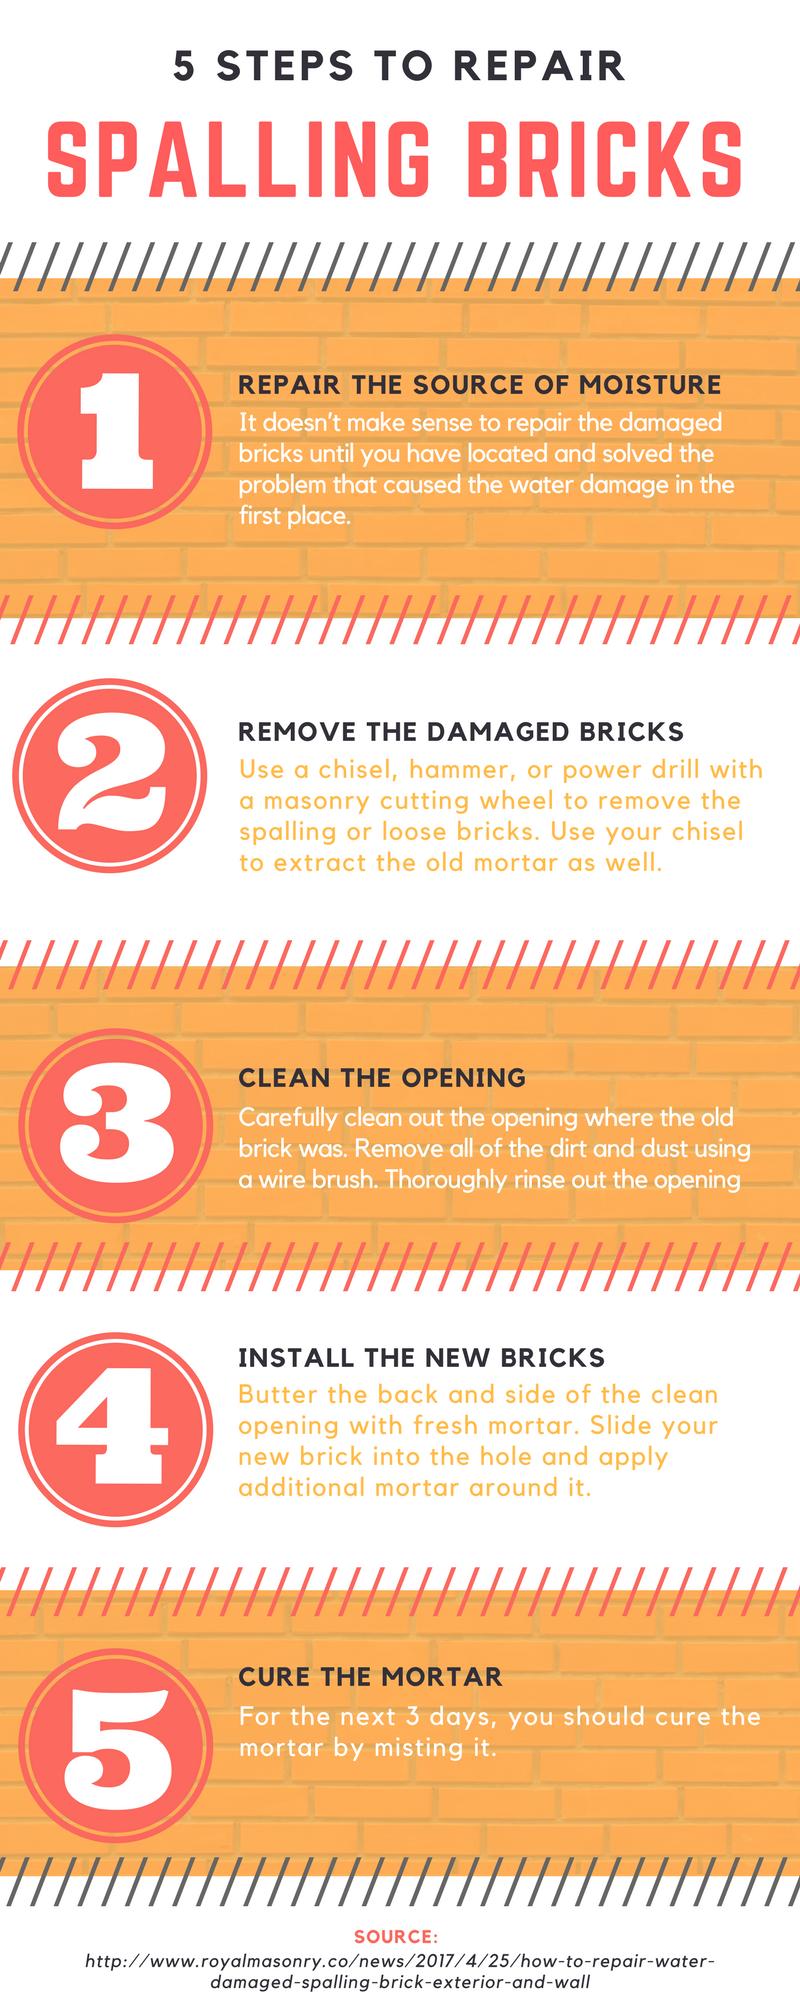 5 Steps To Repairing Spalling Bricks